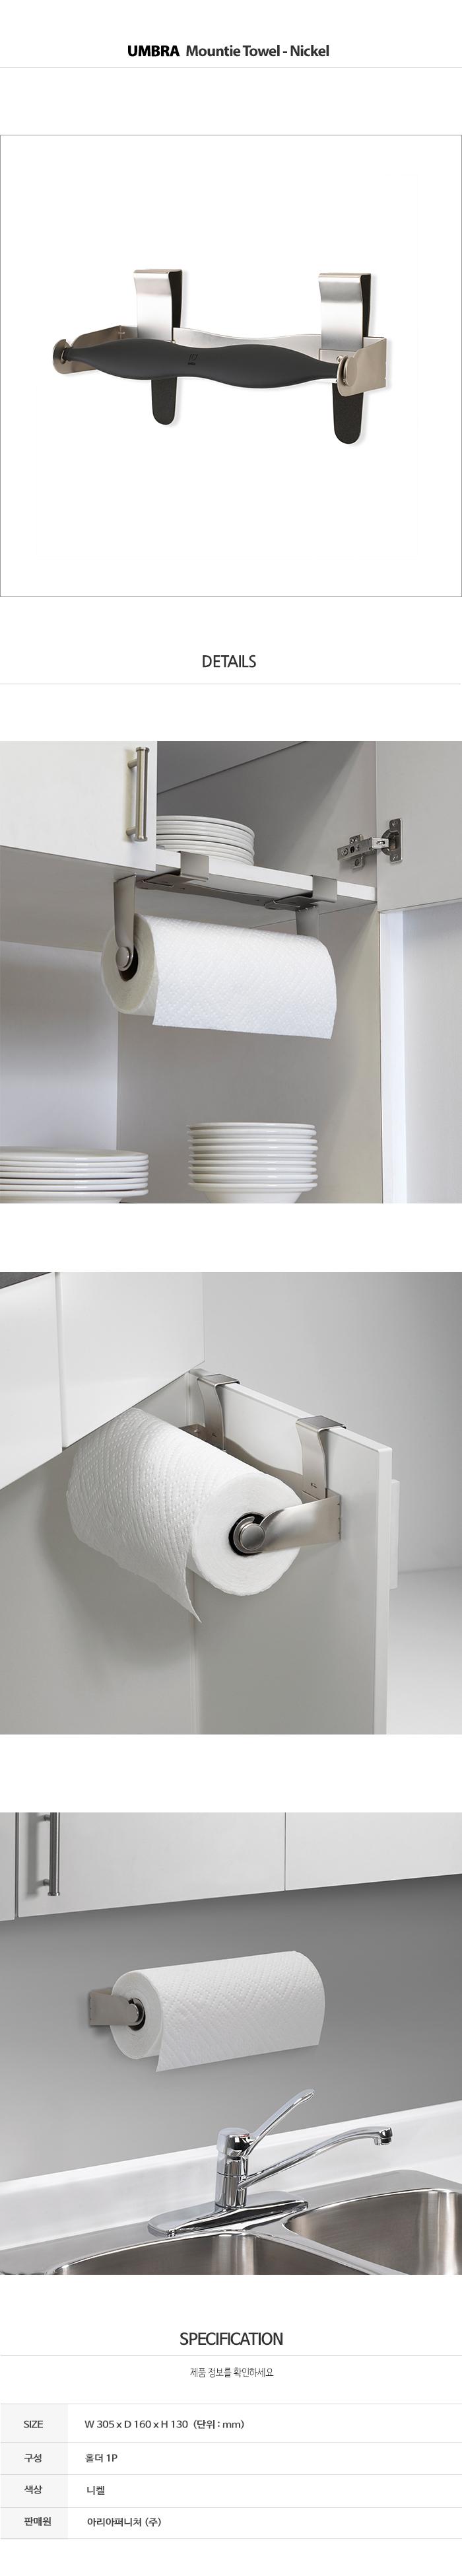 Mountie-Towel-Nickel.jpg